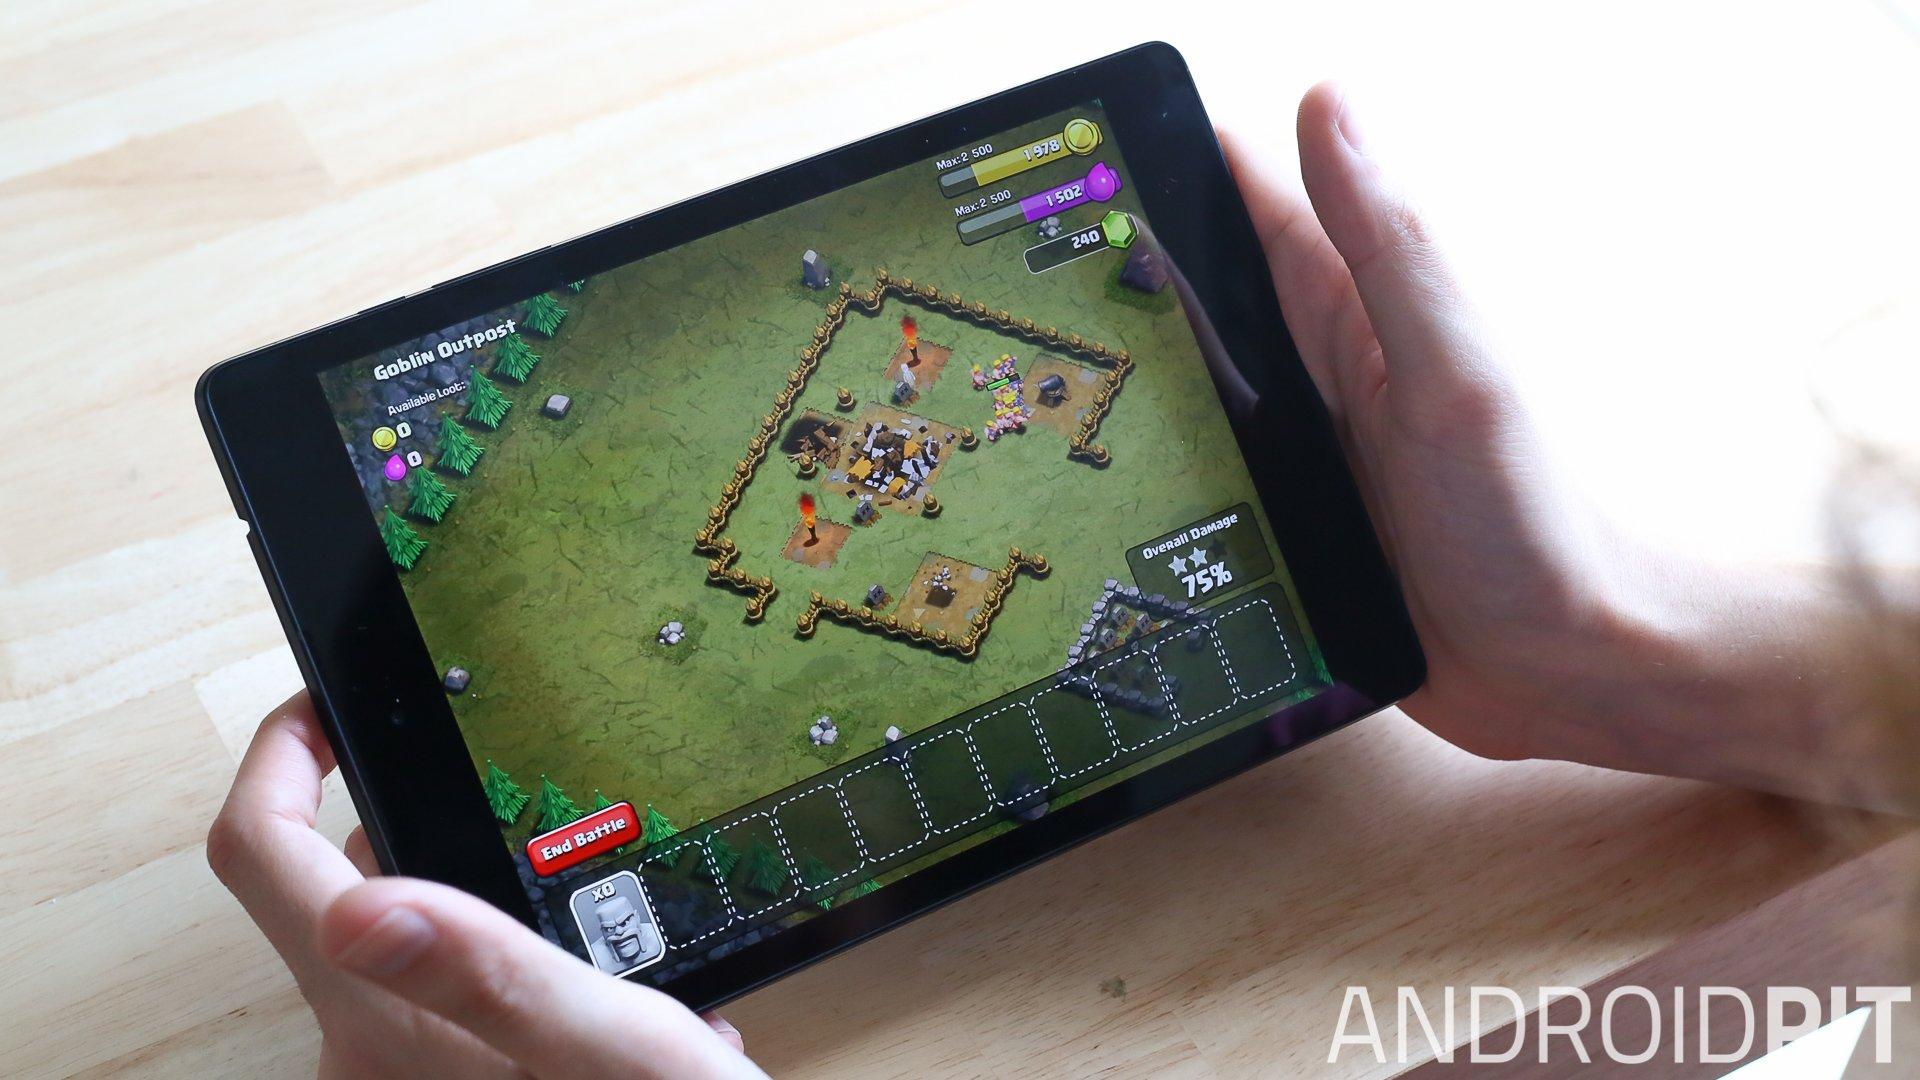 Varsti saate oma mängu Androidi ekraanile salvestada ja mänge jagada